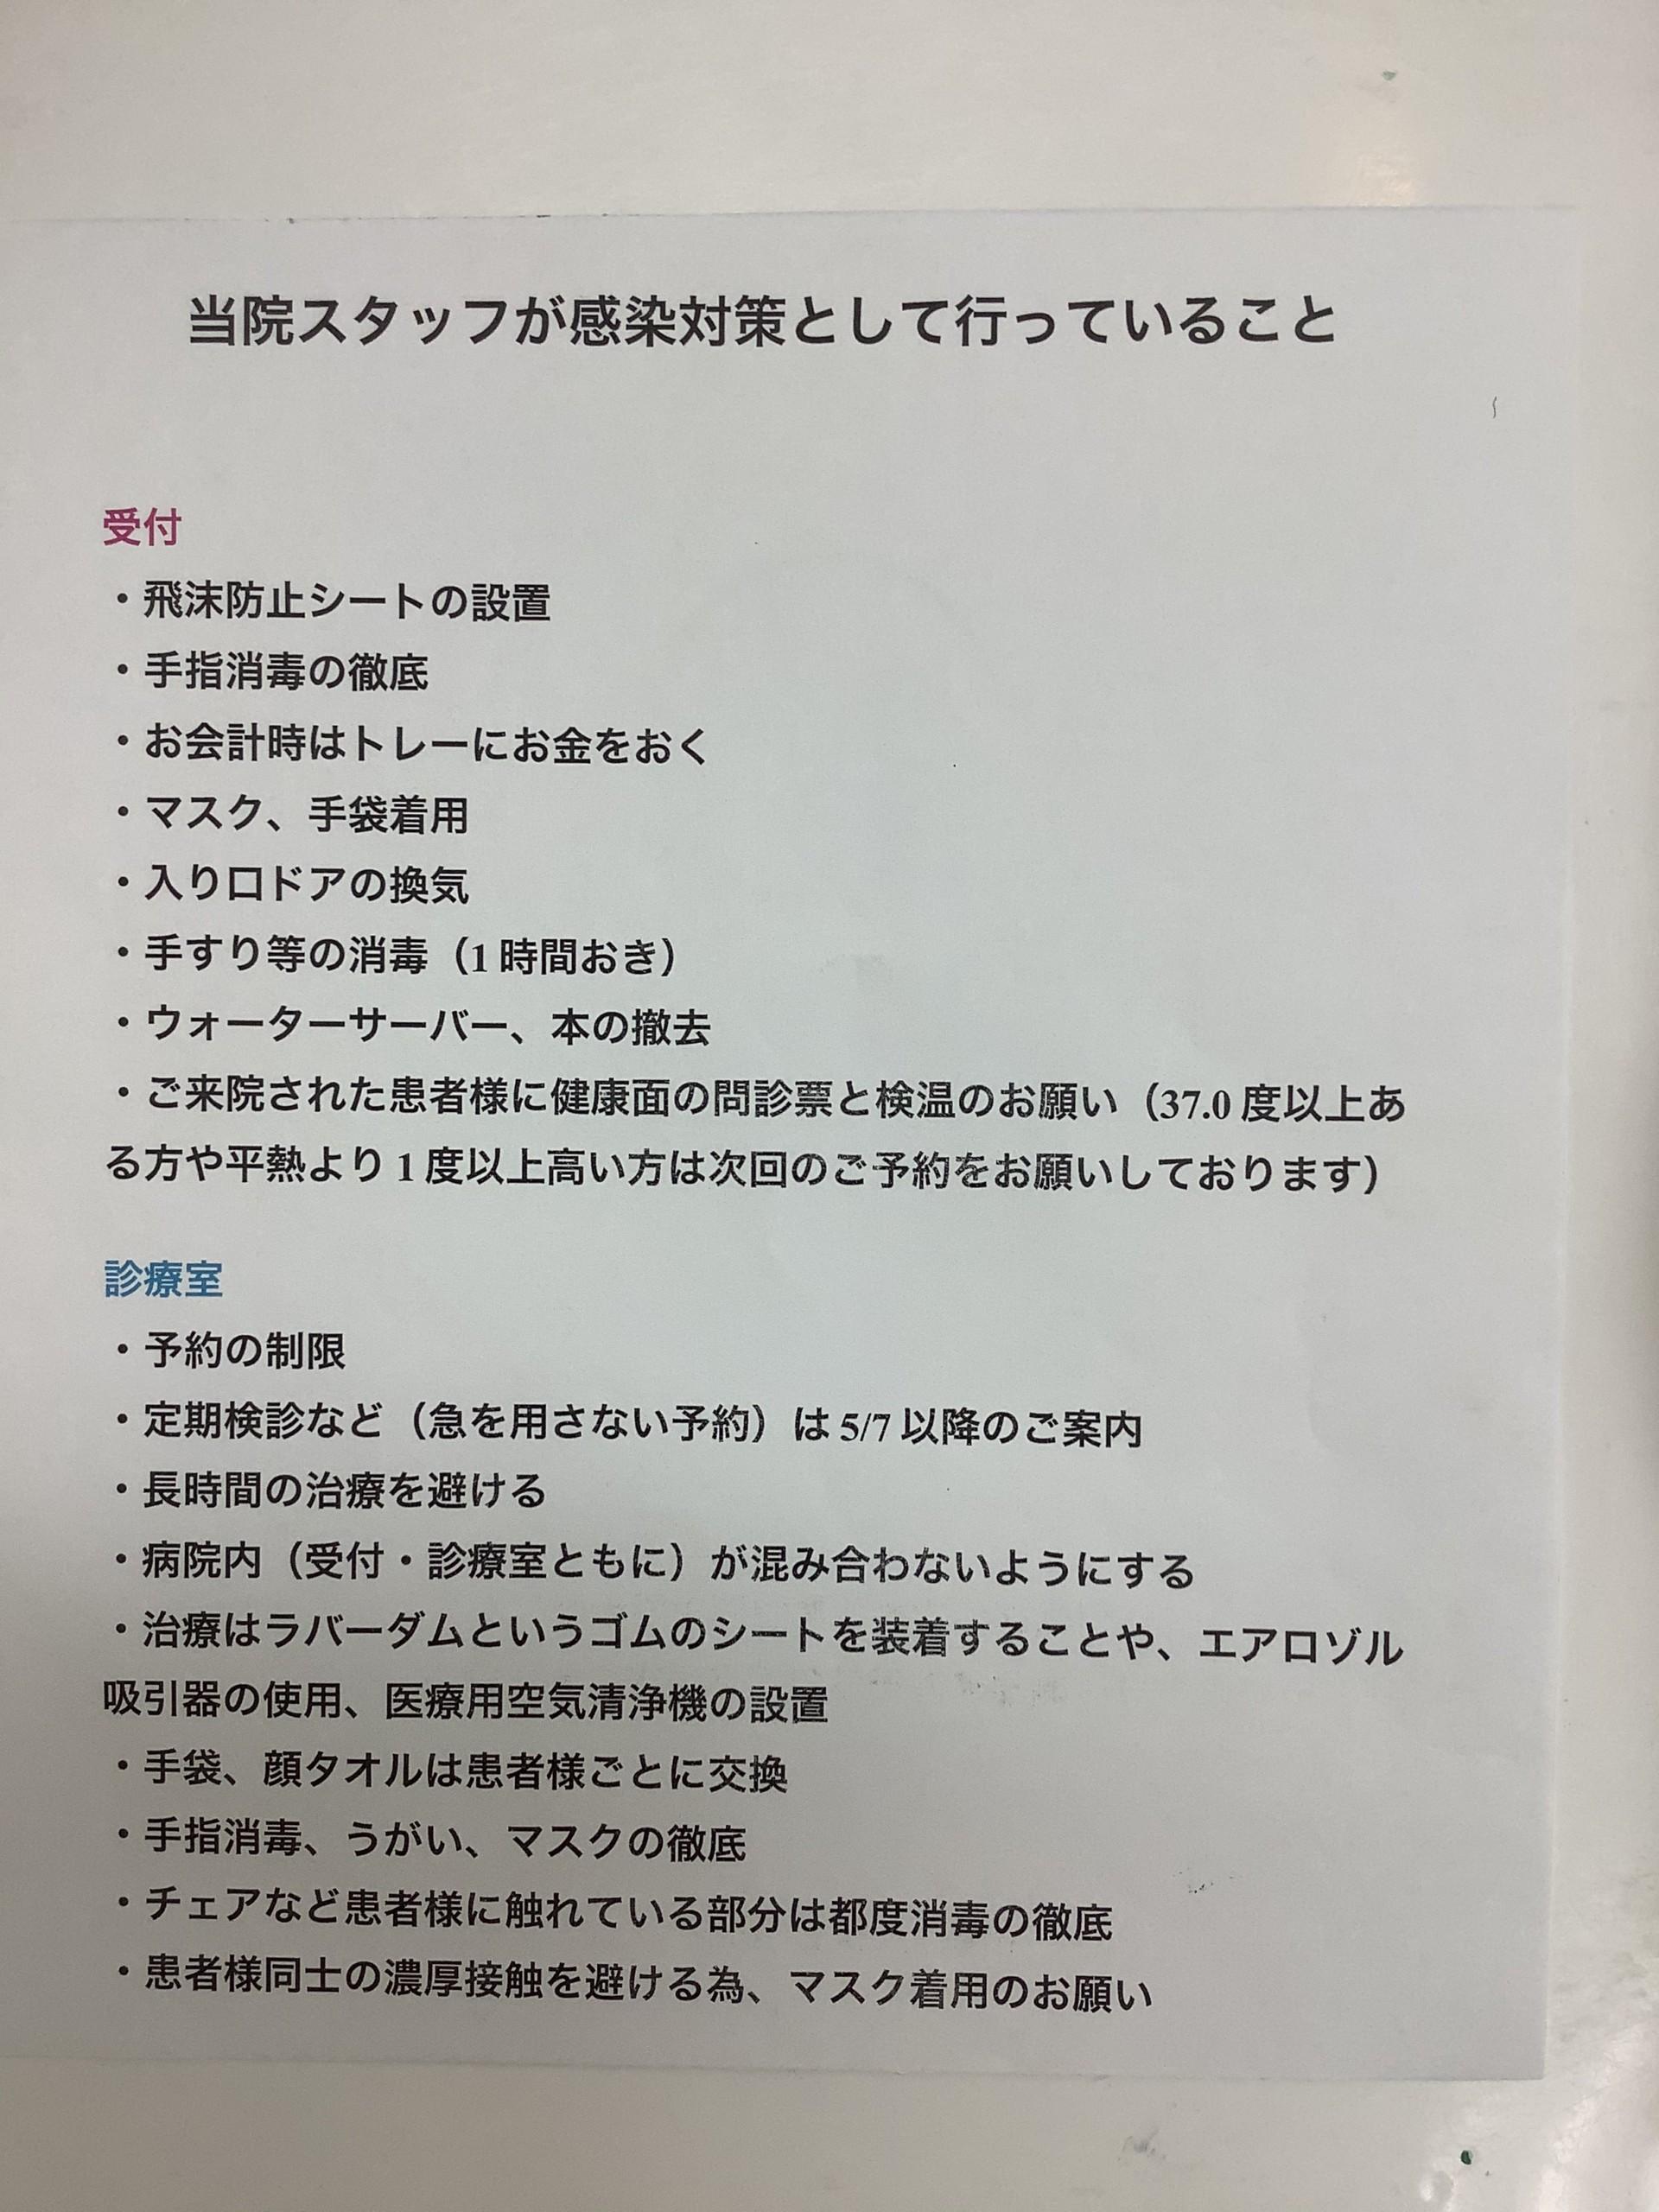 アキヨシ歯科 高槻診療所